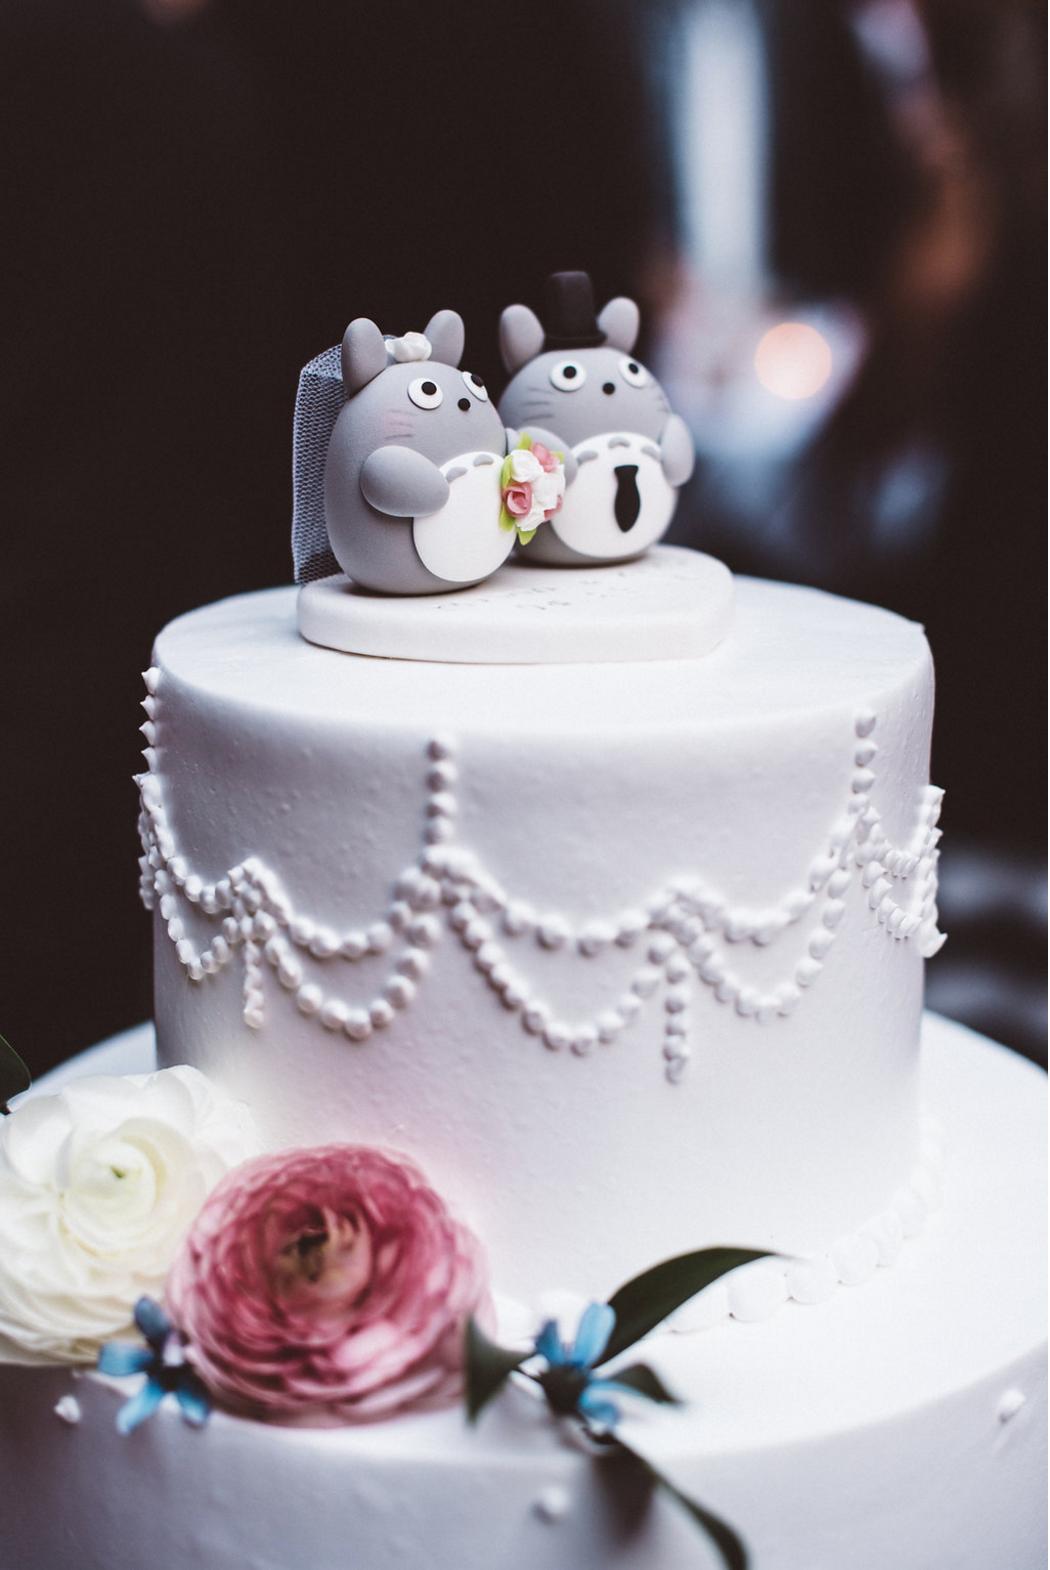 Totoro wedding cake topper #realwedding #weddingceremony ...